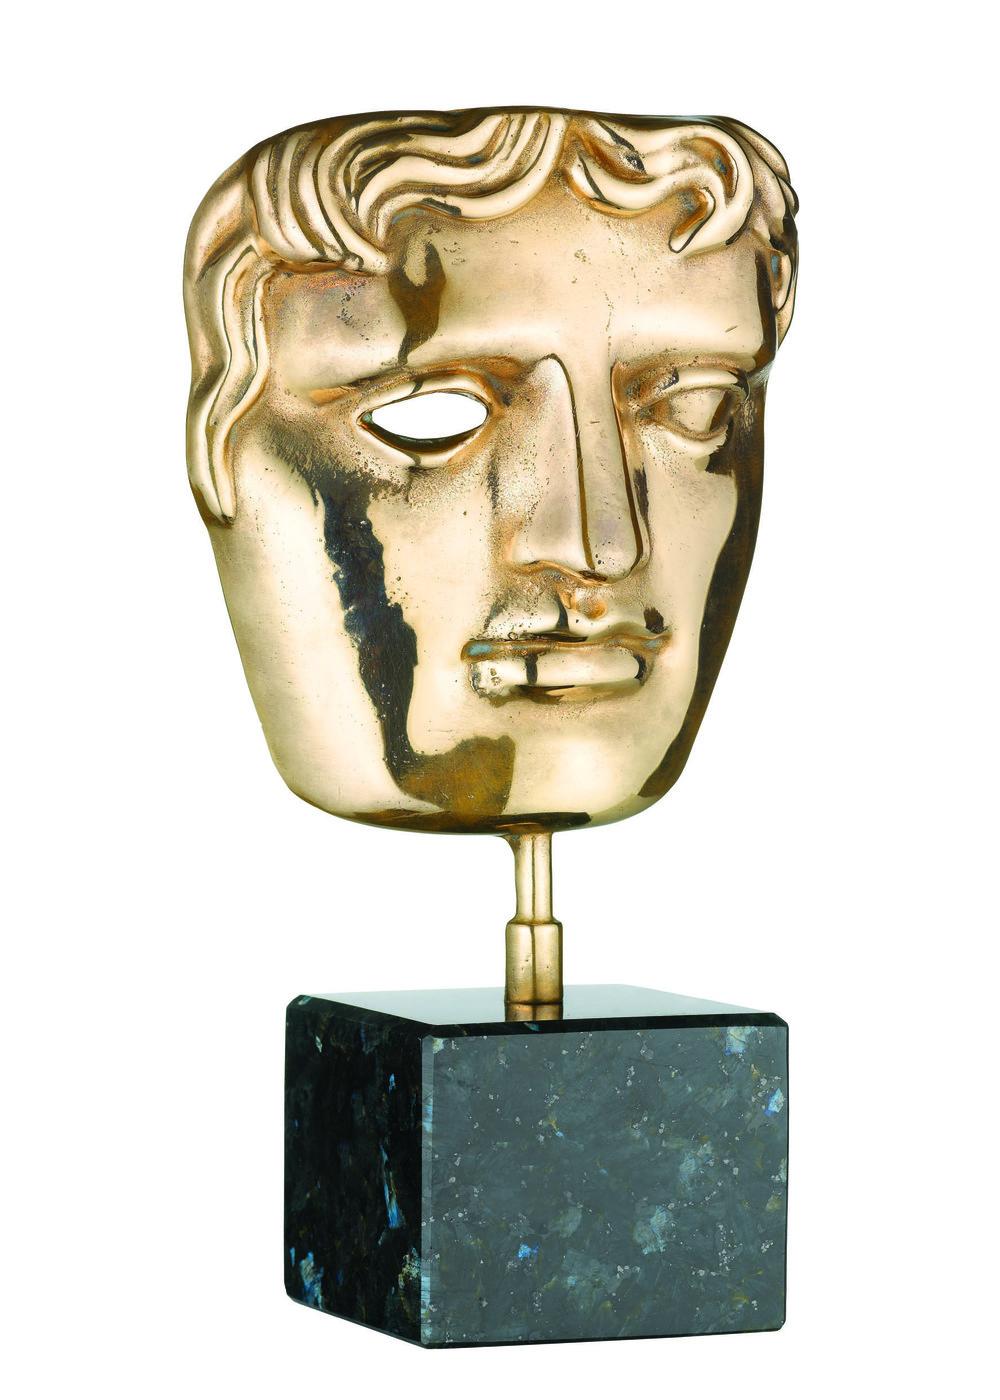 bafta_award.jpg